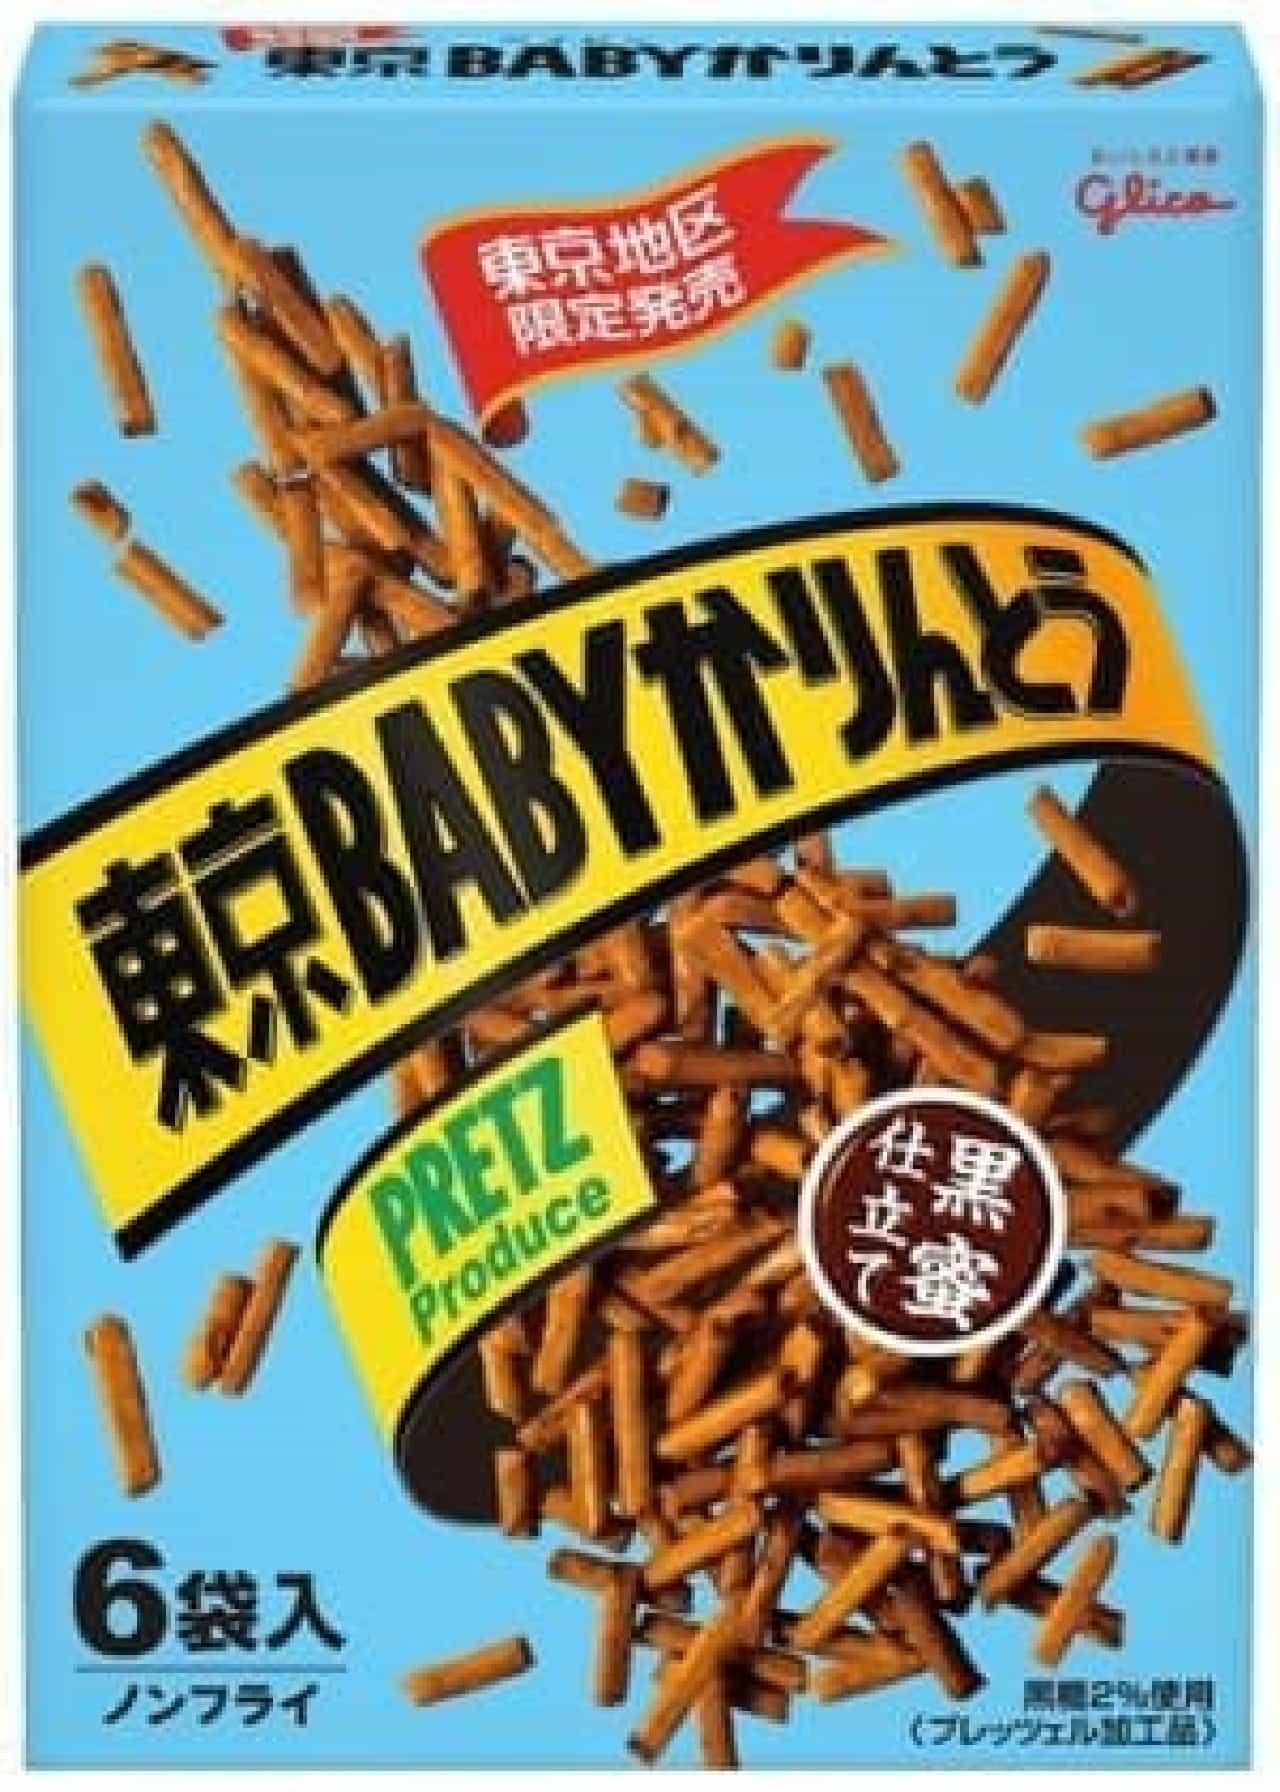 こっちは沖縄産の黒蜜仕立てだよ!